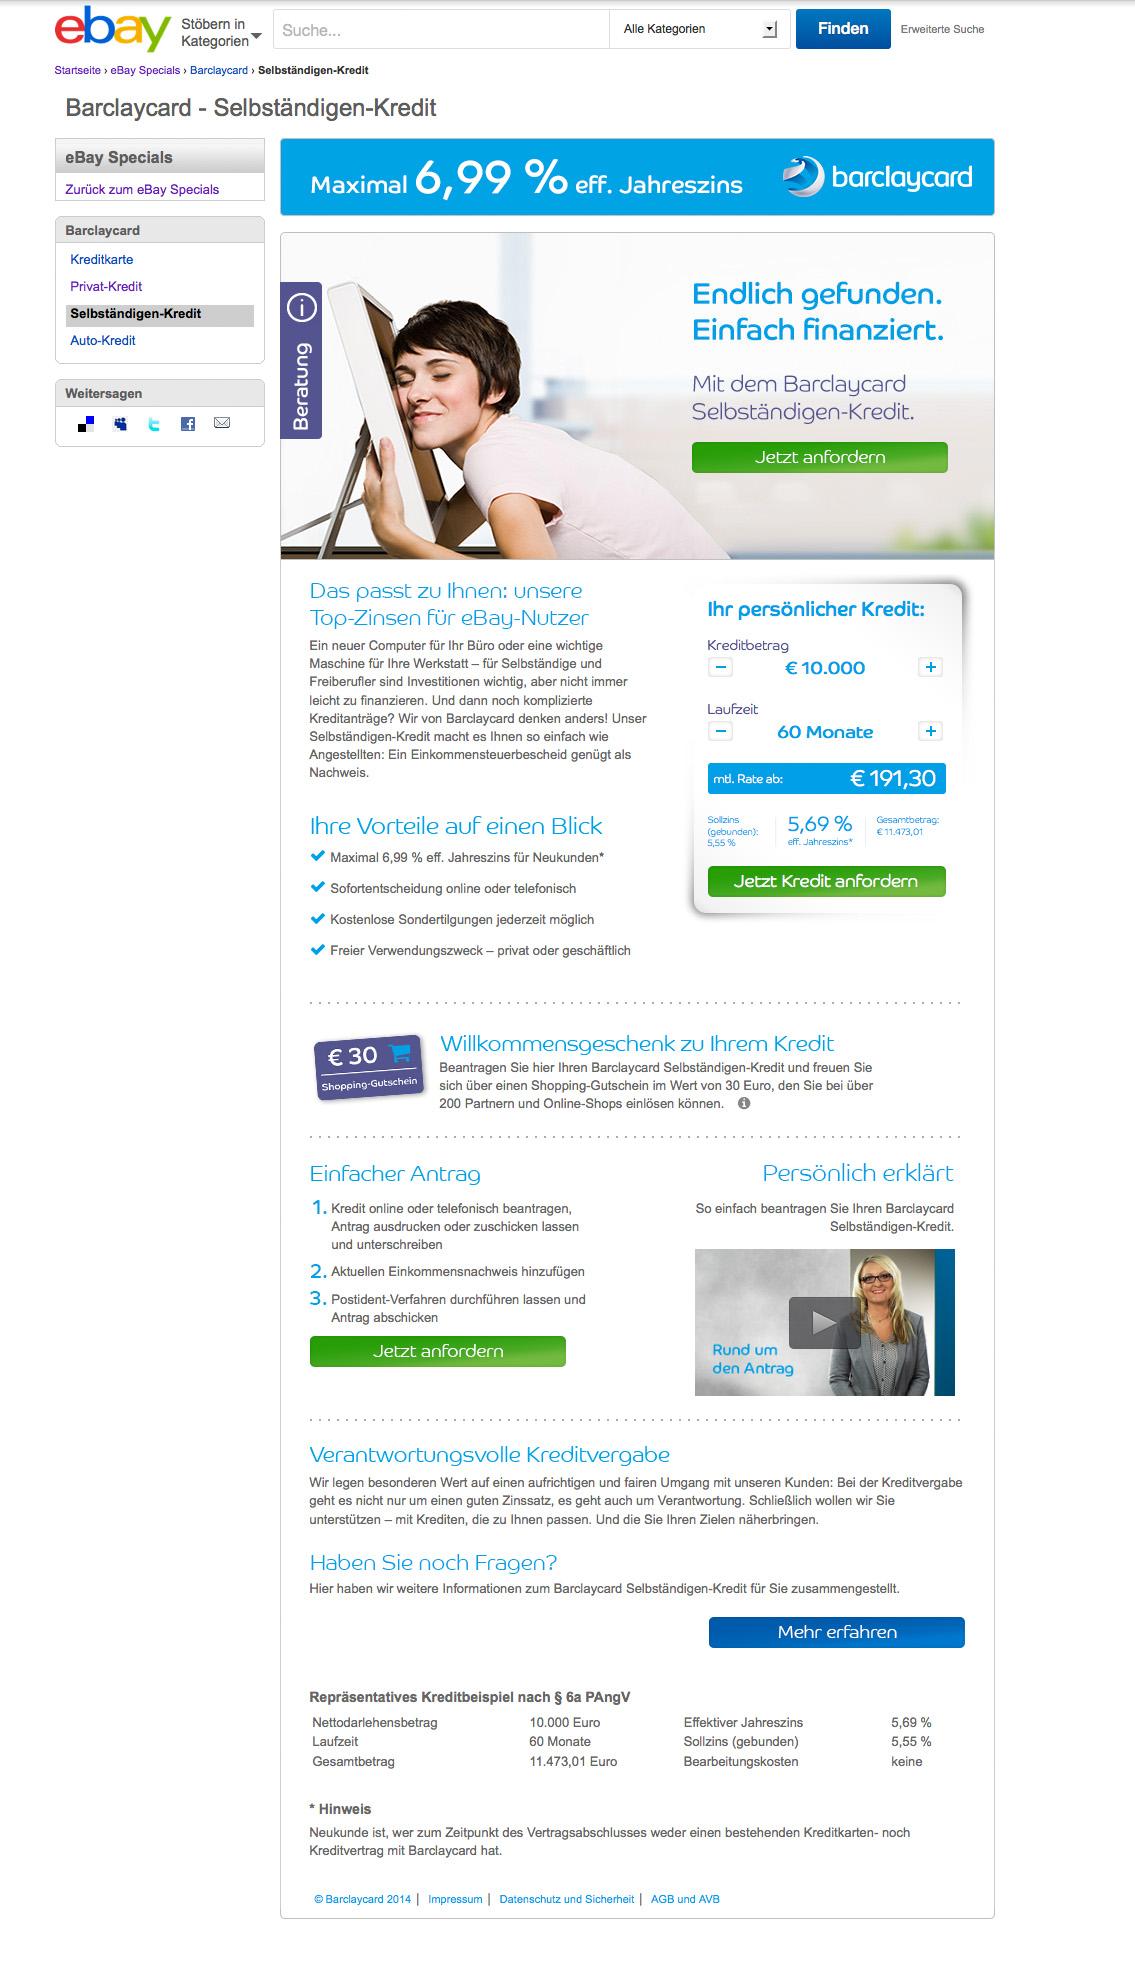 barclaycard Kredit Neukundengewinnung auf der Plattform eBay